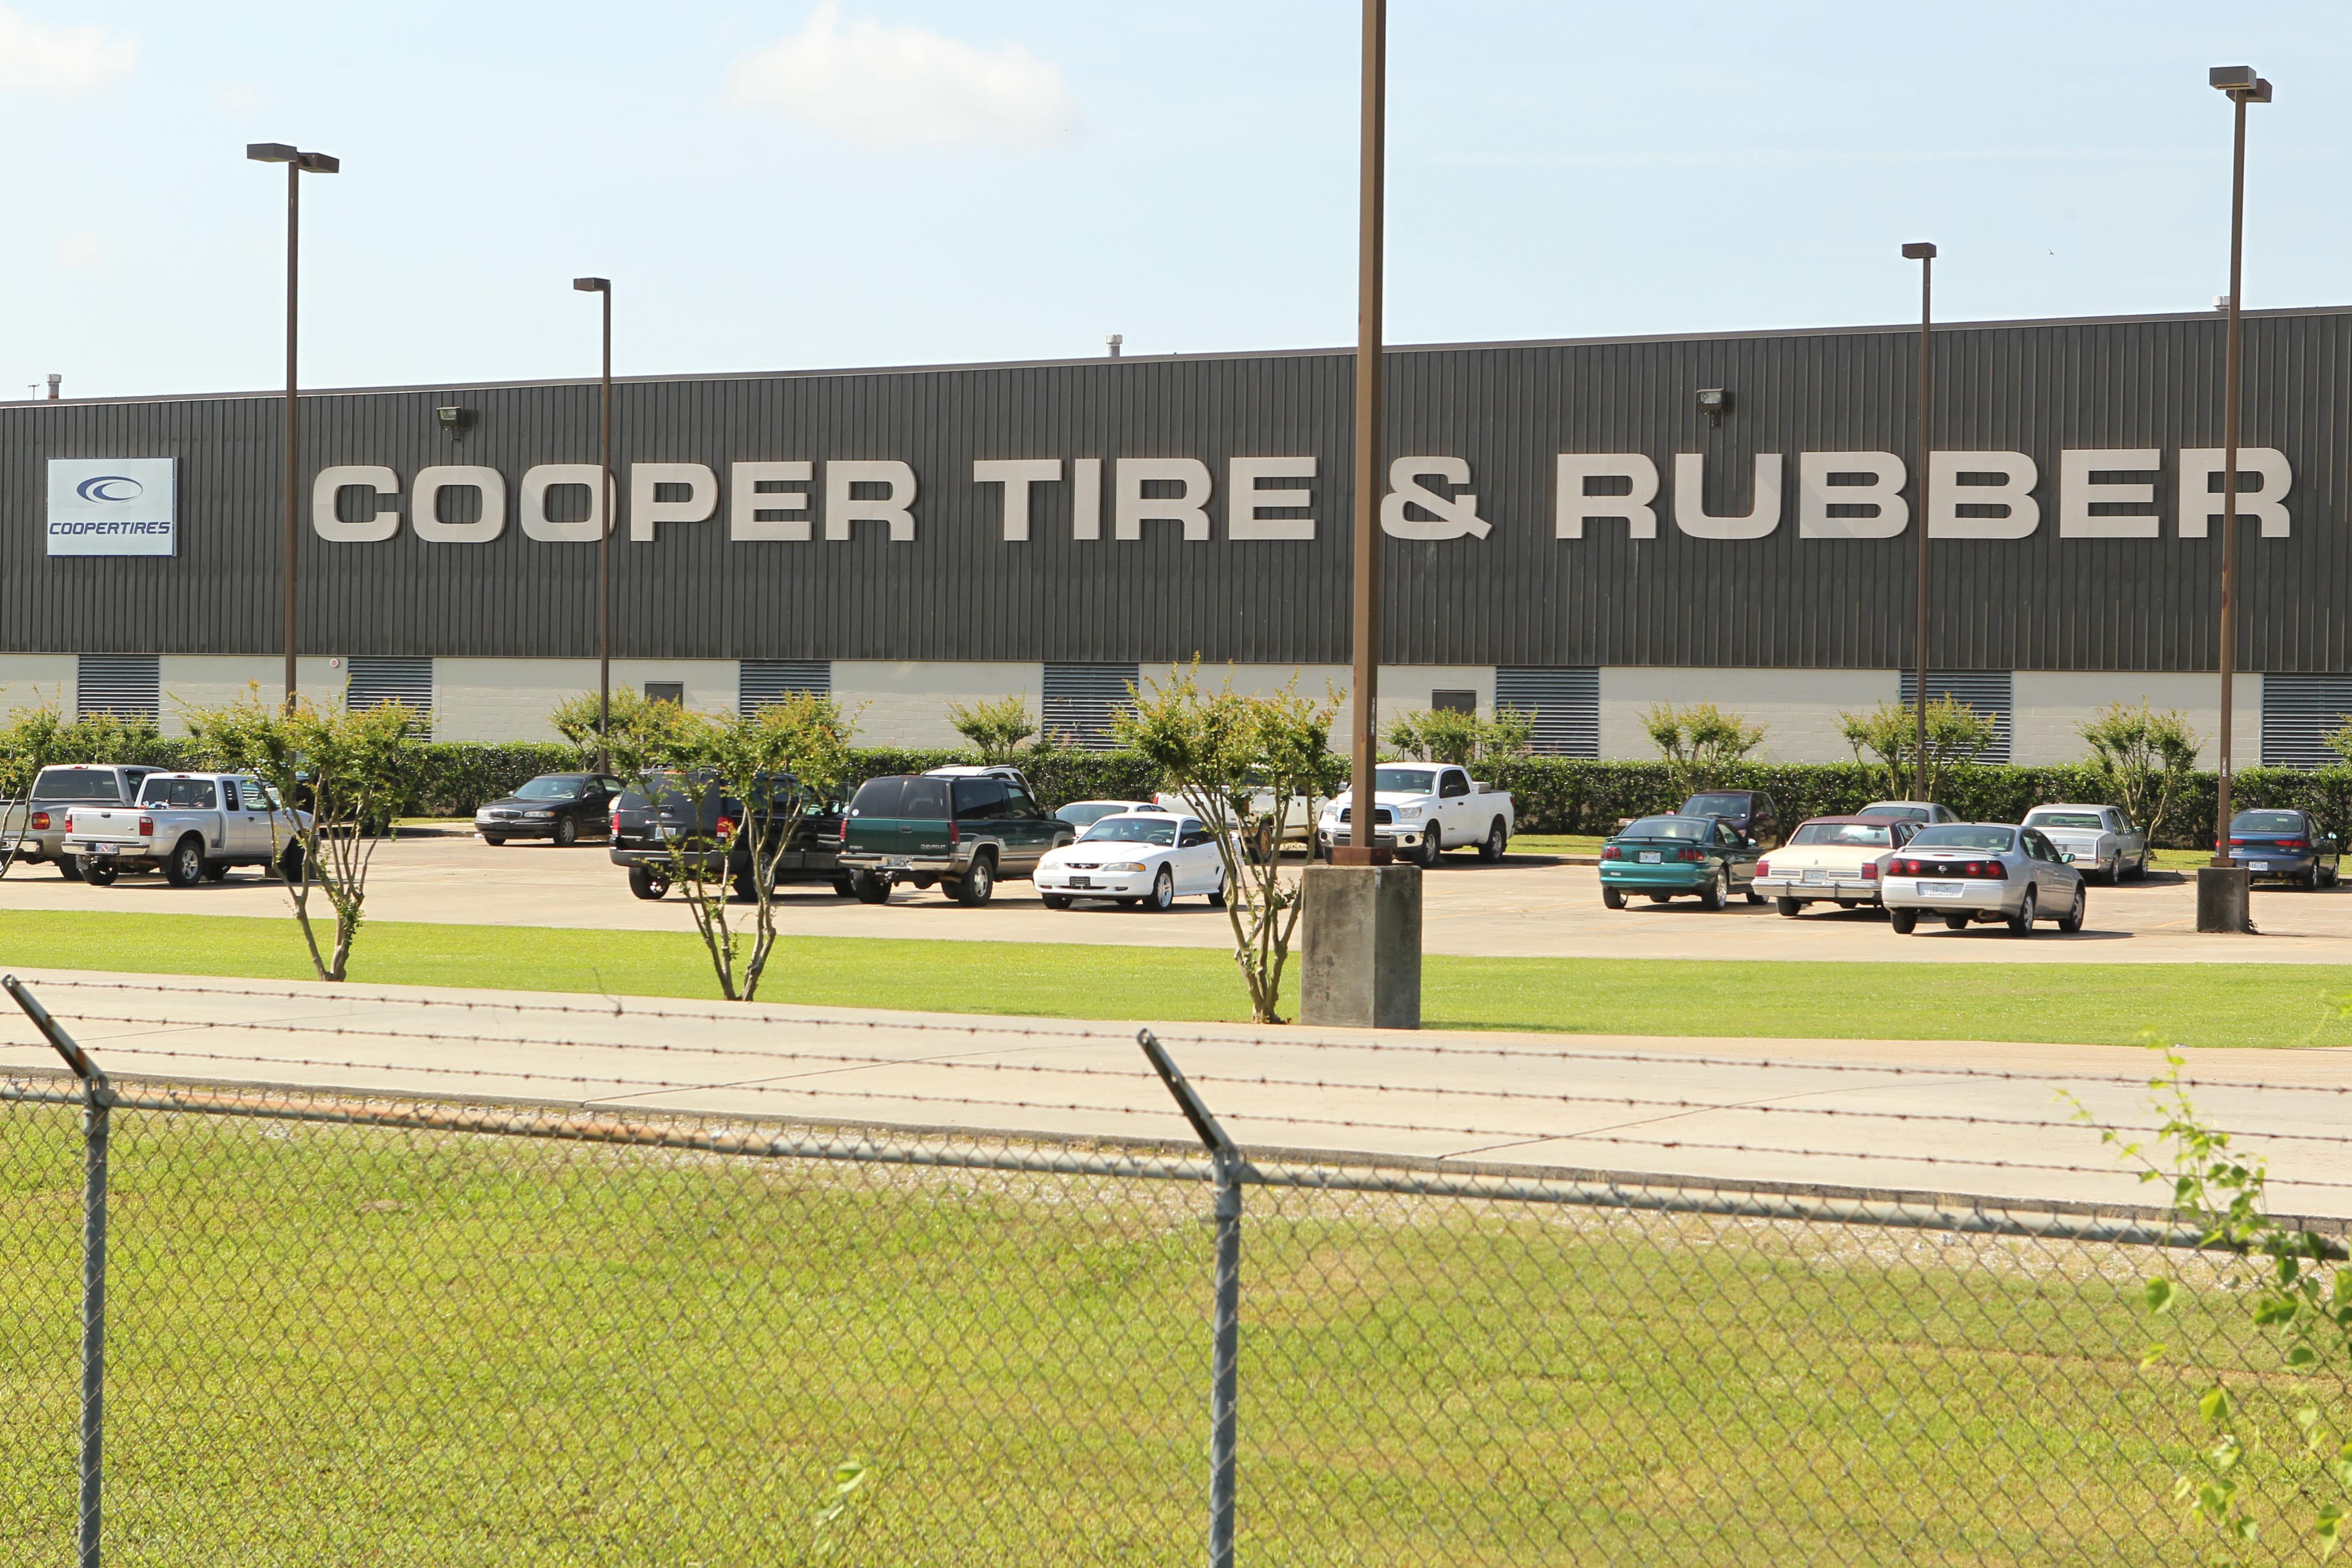 Le rachat de la marque Cooper Tire semble compromis